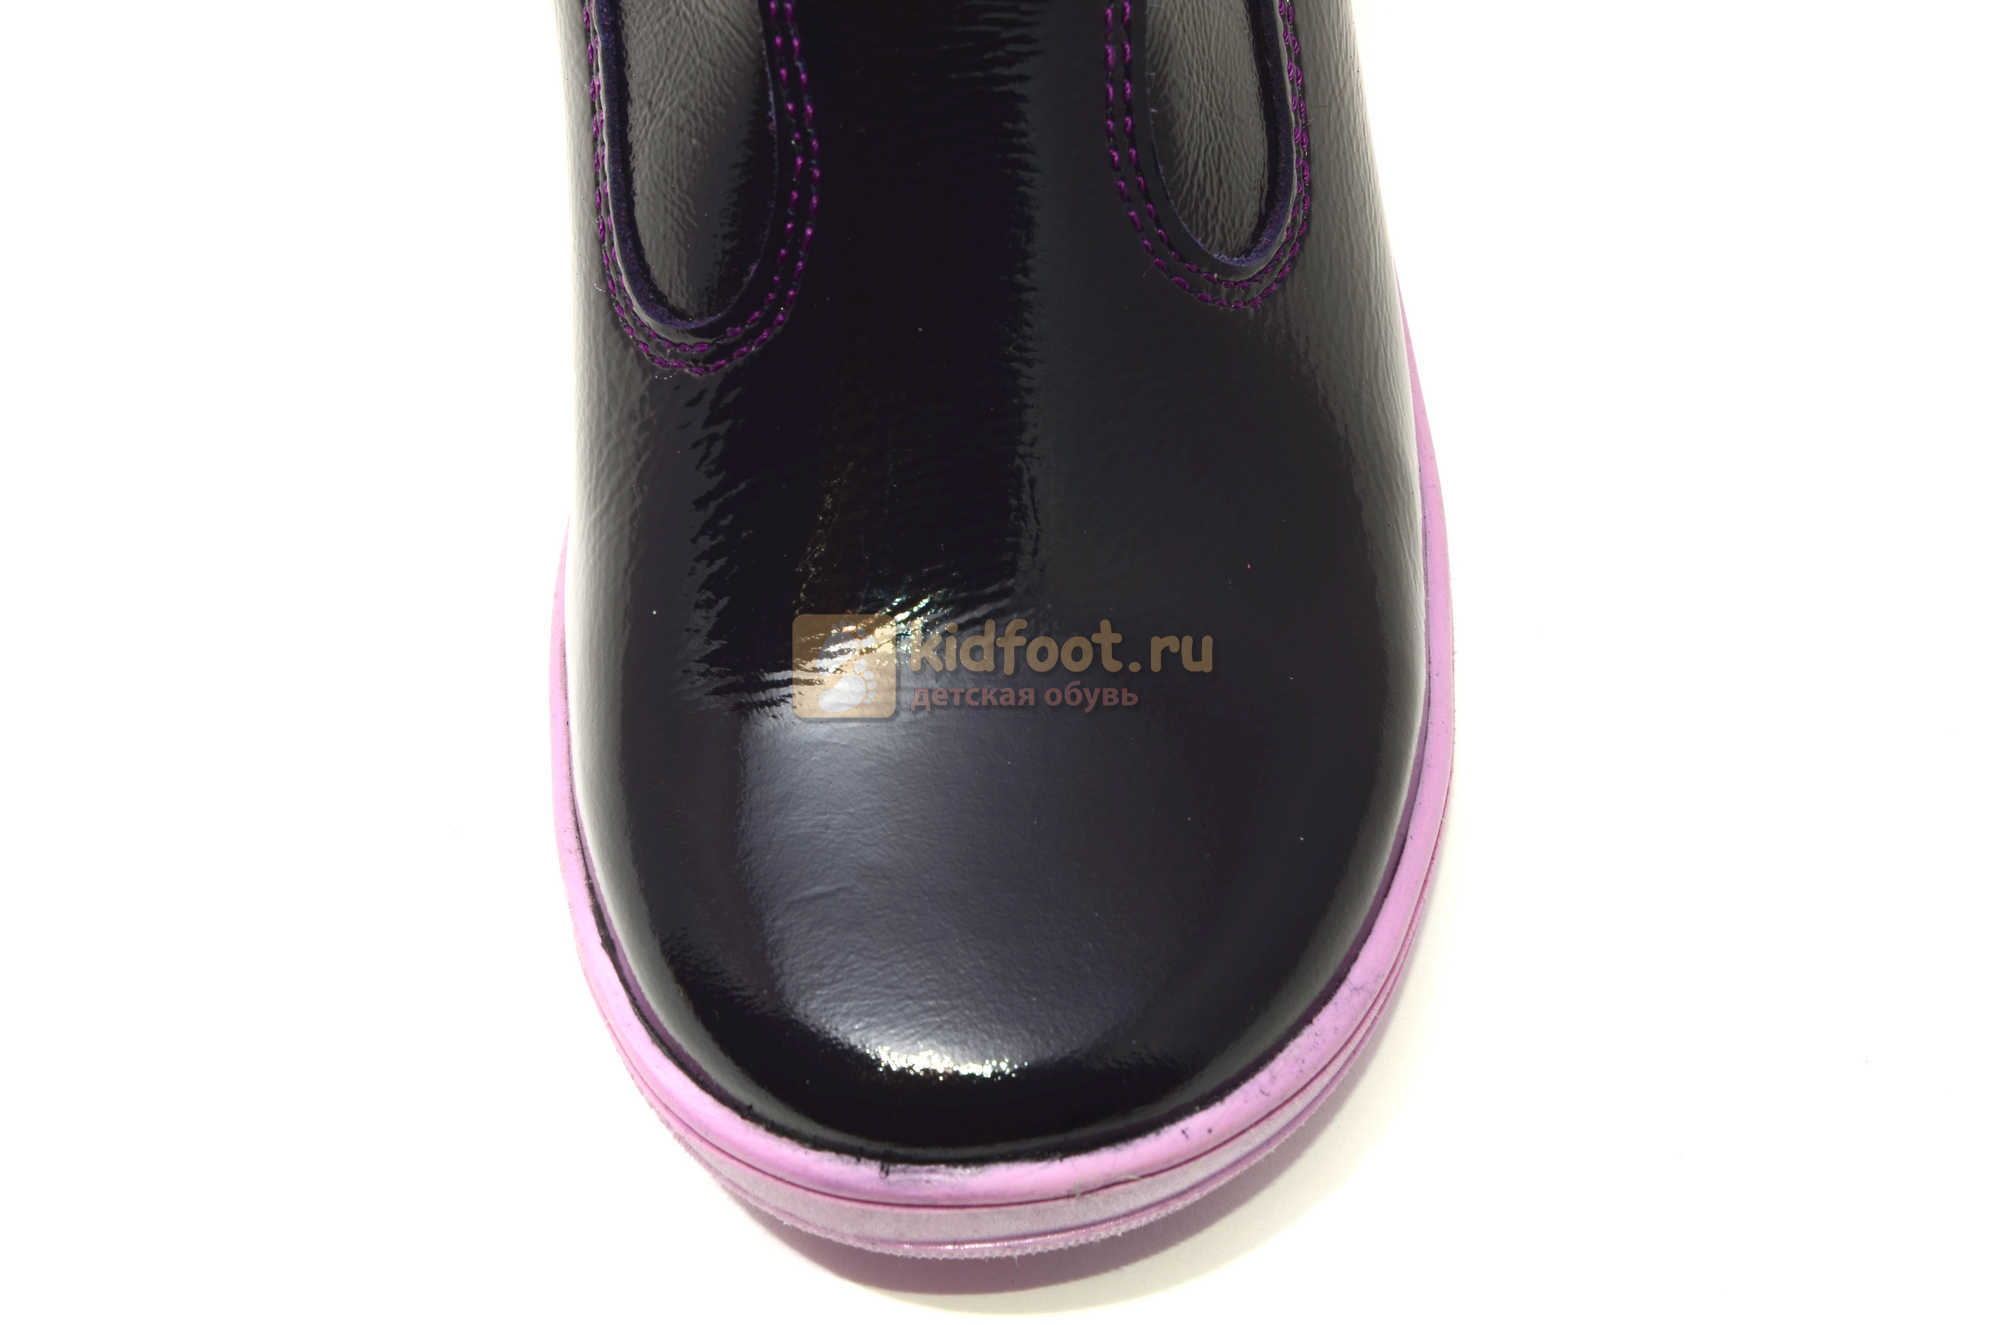 Сапожки для девочек из натуральной лакированной кожи на байке Лель (LEL), цвет черника